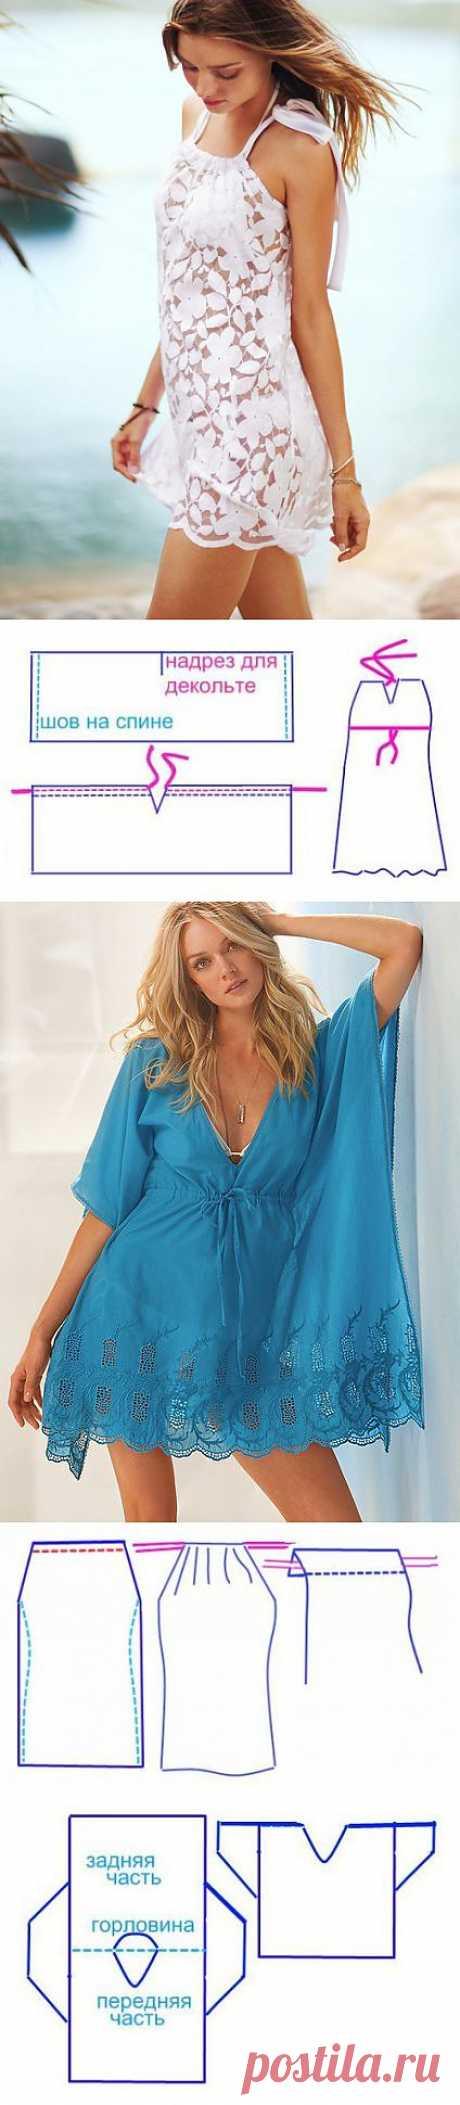 Сшить платье летнее легко — 5 моделей с выкройками | My Milady